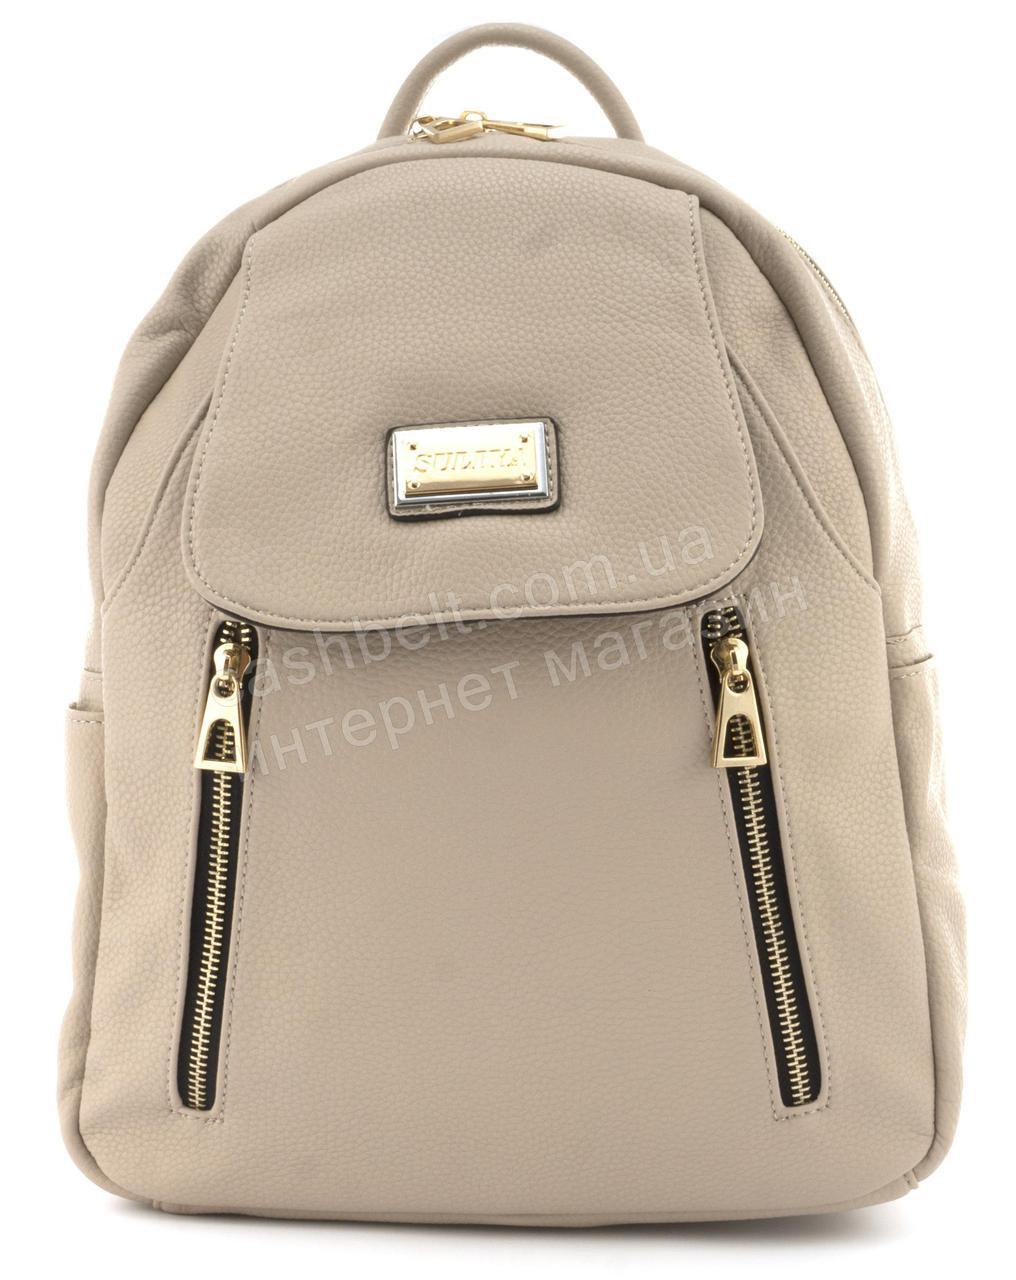 Прочный и надежный рюкзачок среднего размера из эко кожи Suliya art. 9528 хаки